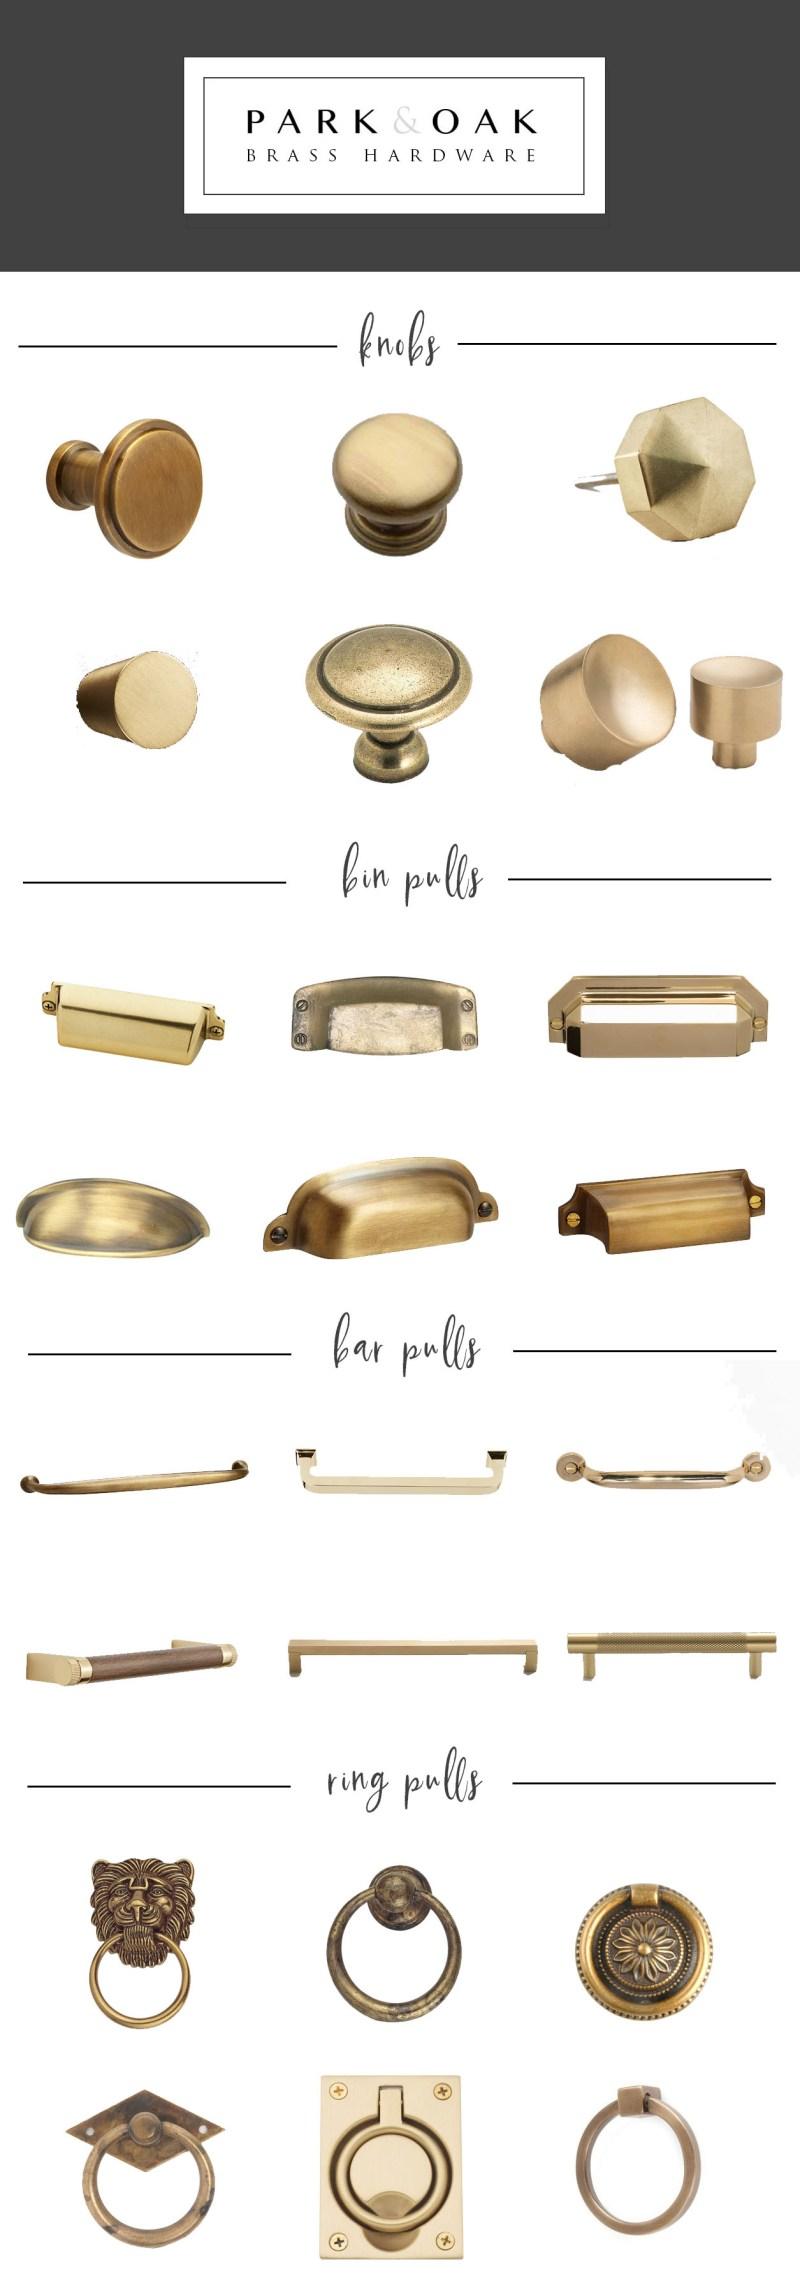 Park & Oak brass hardware